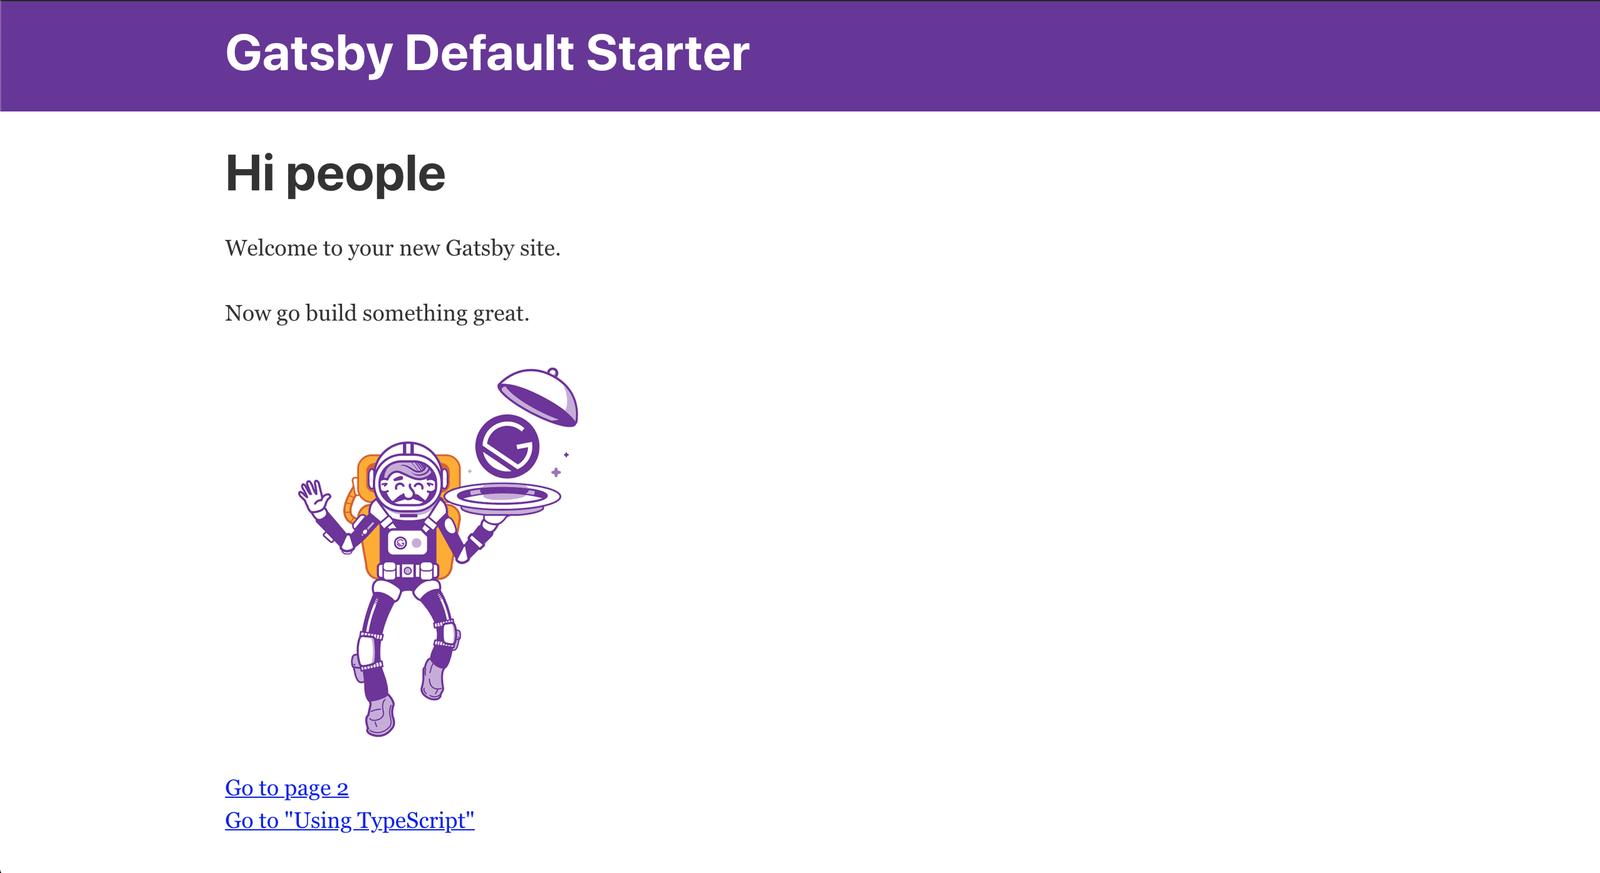 Gatsby Default Starter Homepage